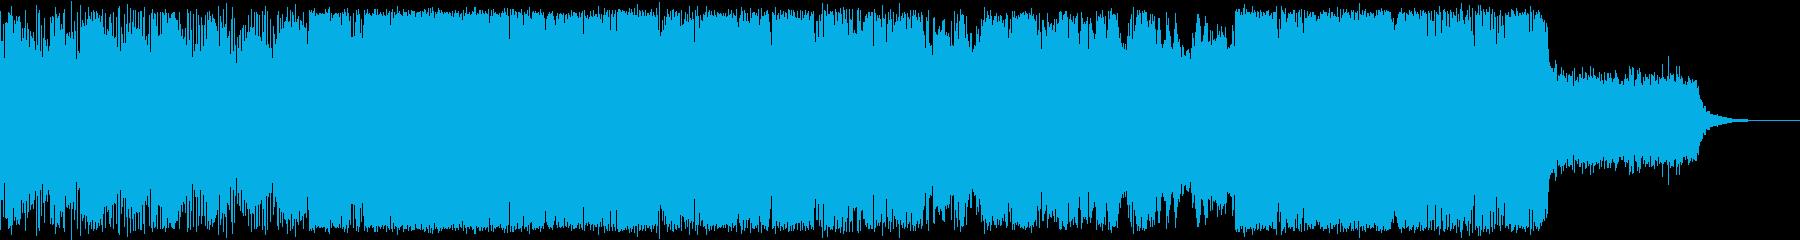 ゲーム/探検/遺跡/変拍子の再生済みの波形